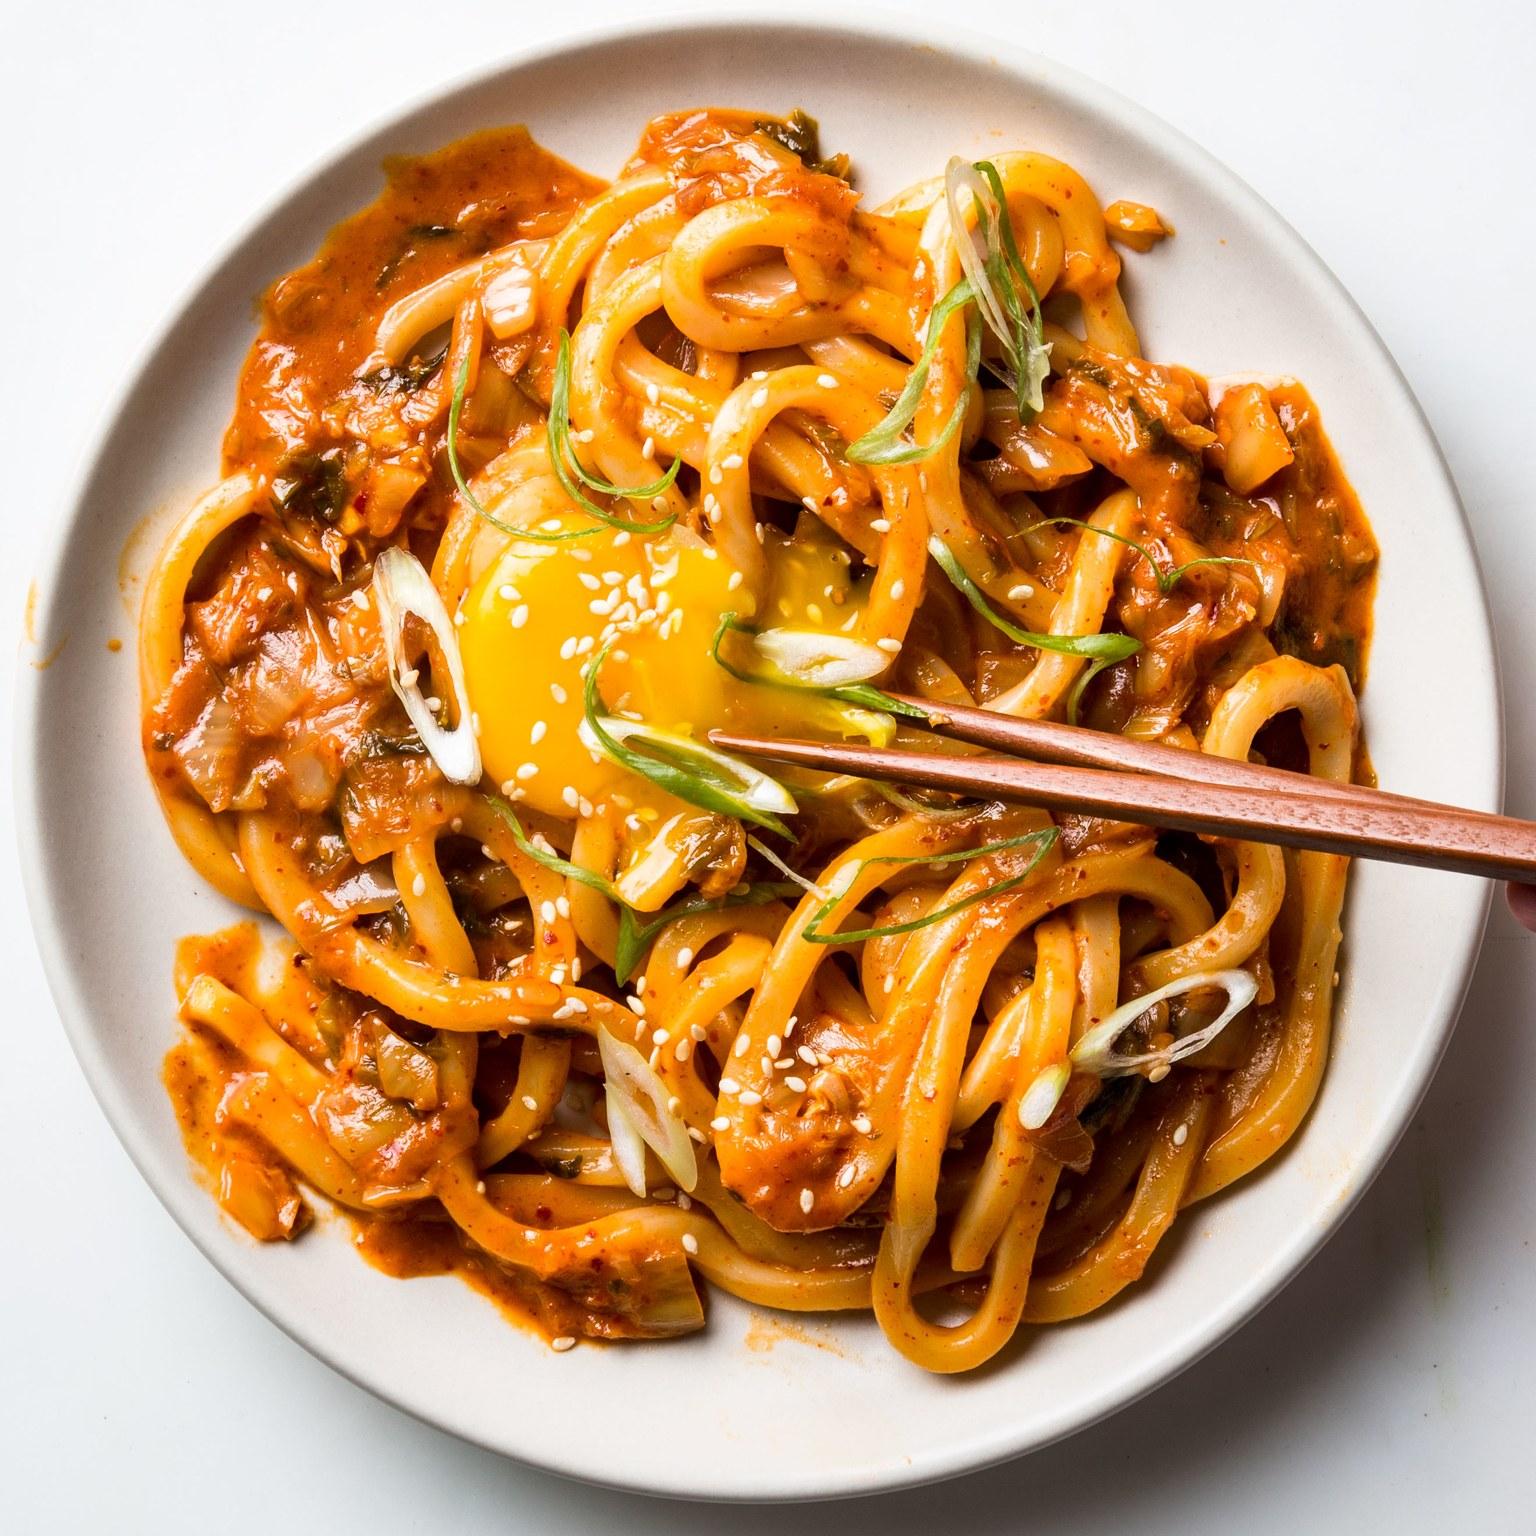 Rất dễ để bạn có thể thưởng thức các món ăn truyền thống của Hàn Quốc như mỳ udon